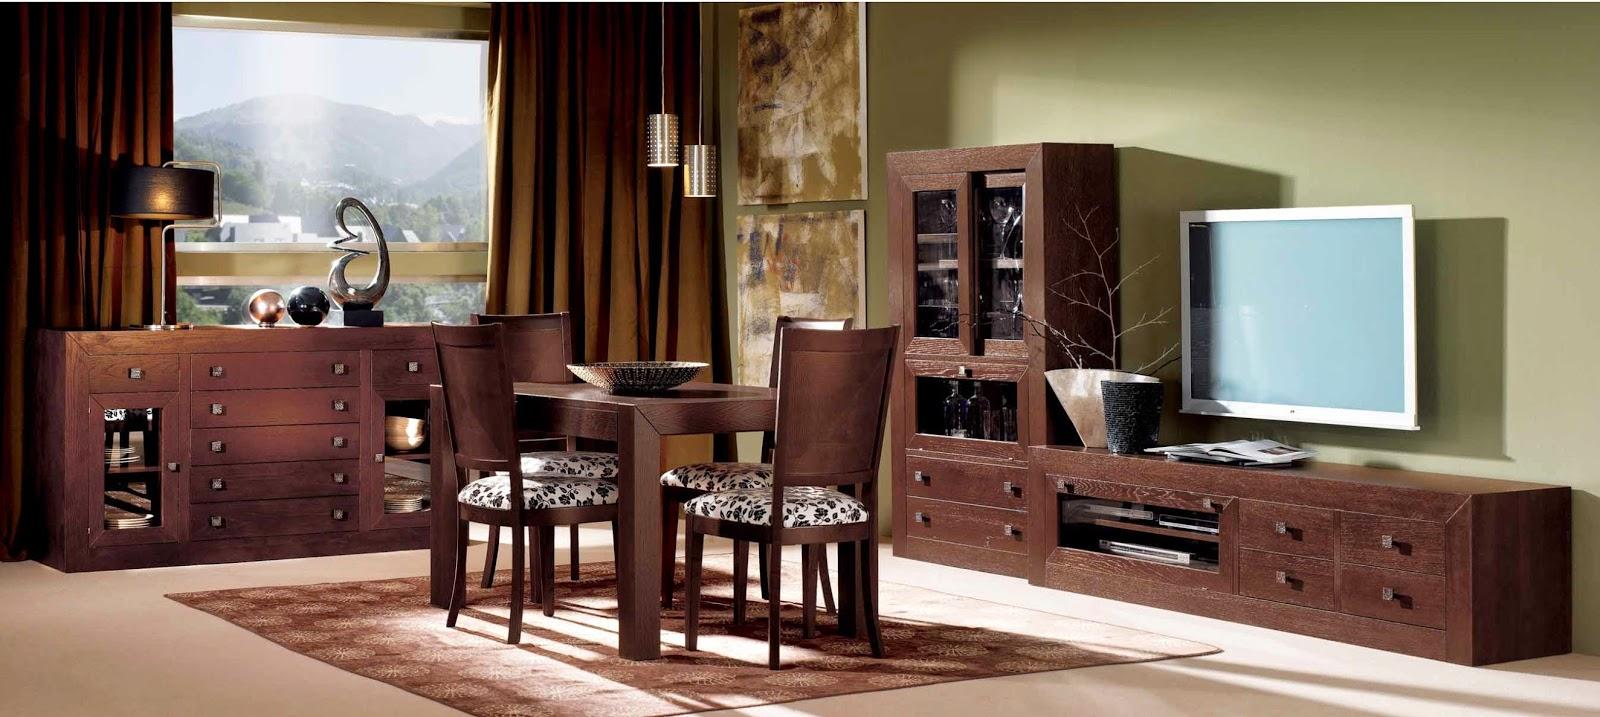 El blog de demarques como decorar el comedor en espacios for El mueble salon comedor